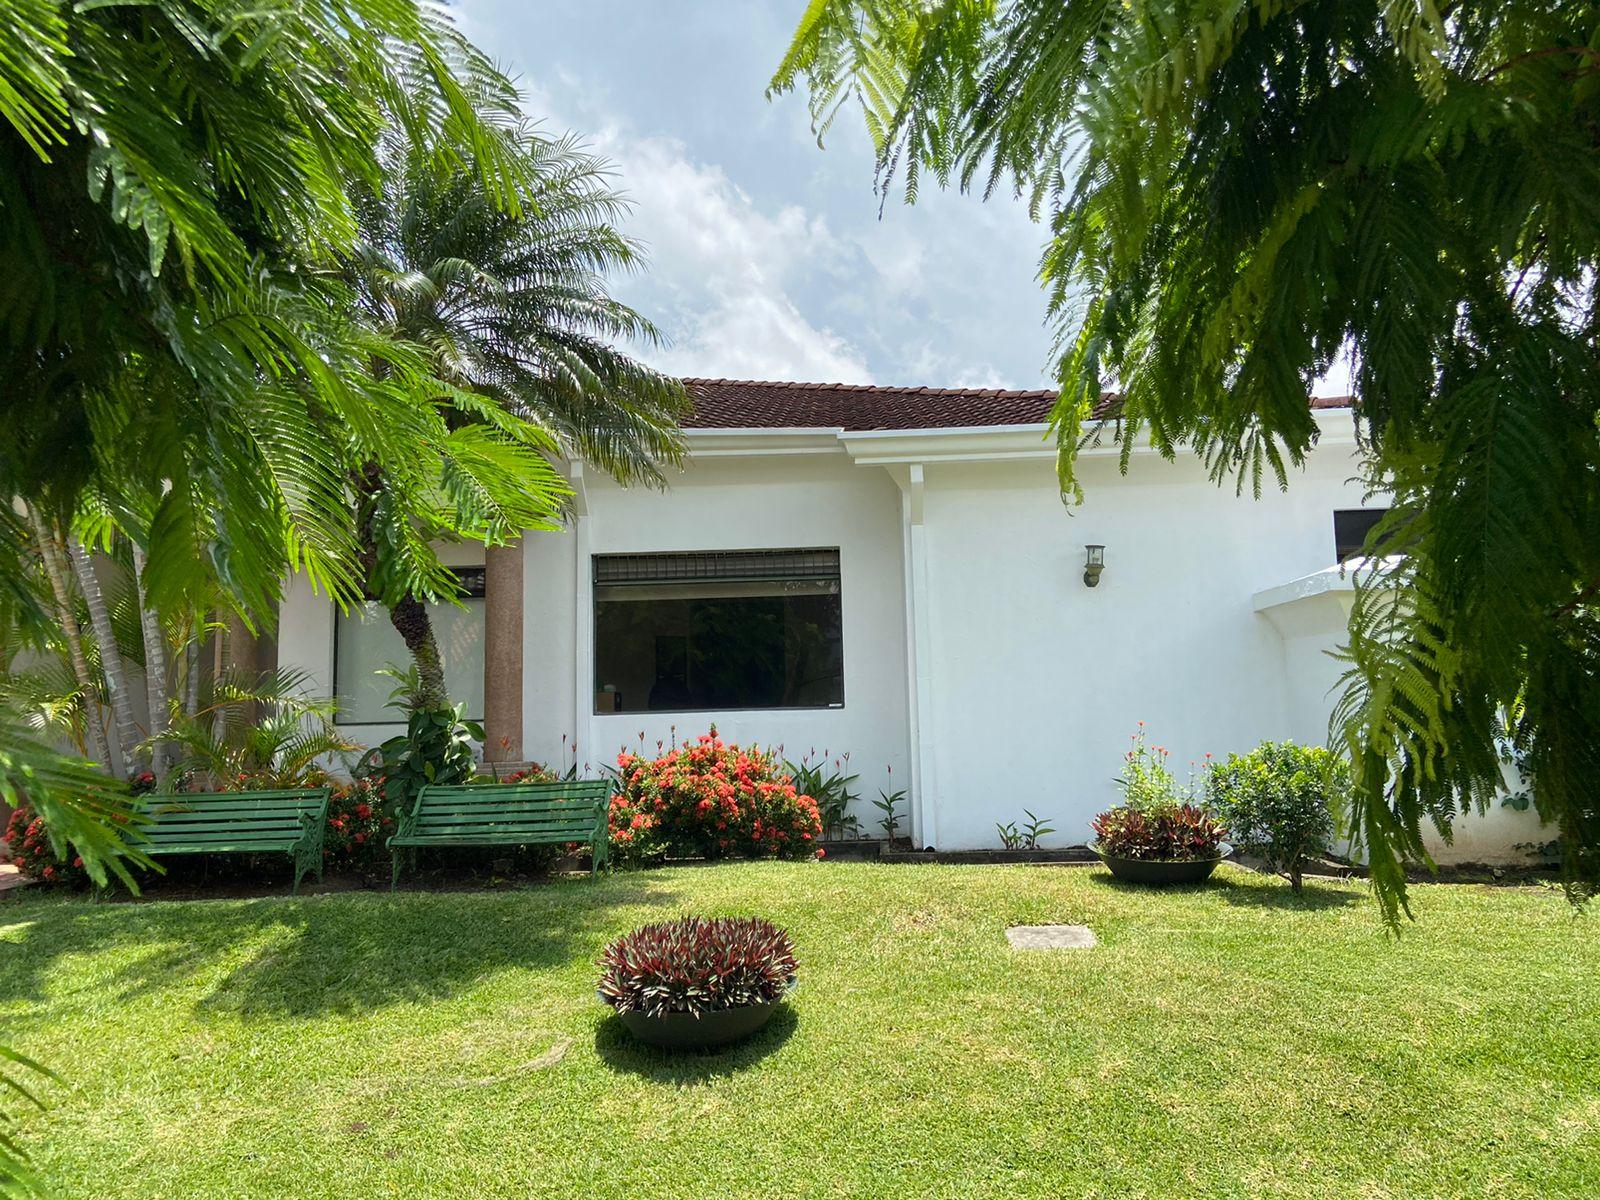 Casa de 1 planta con jardín en condominio en Lindora Santa Ana